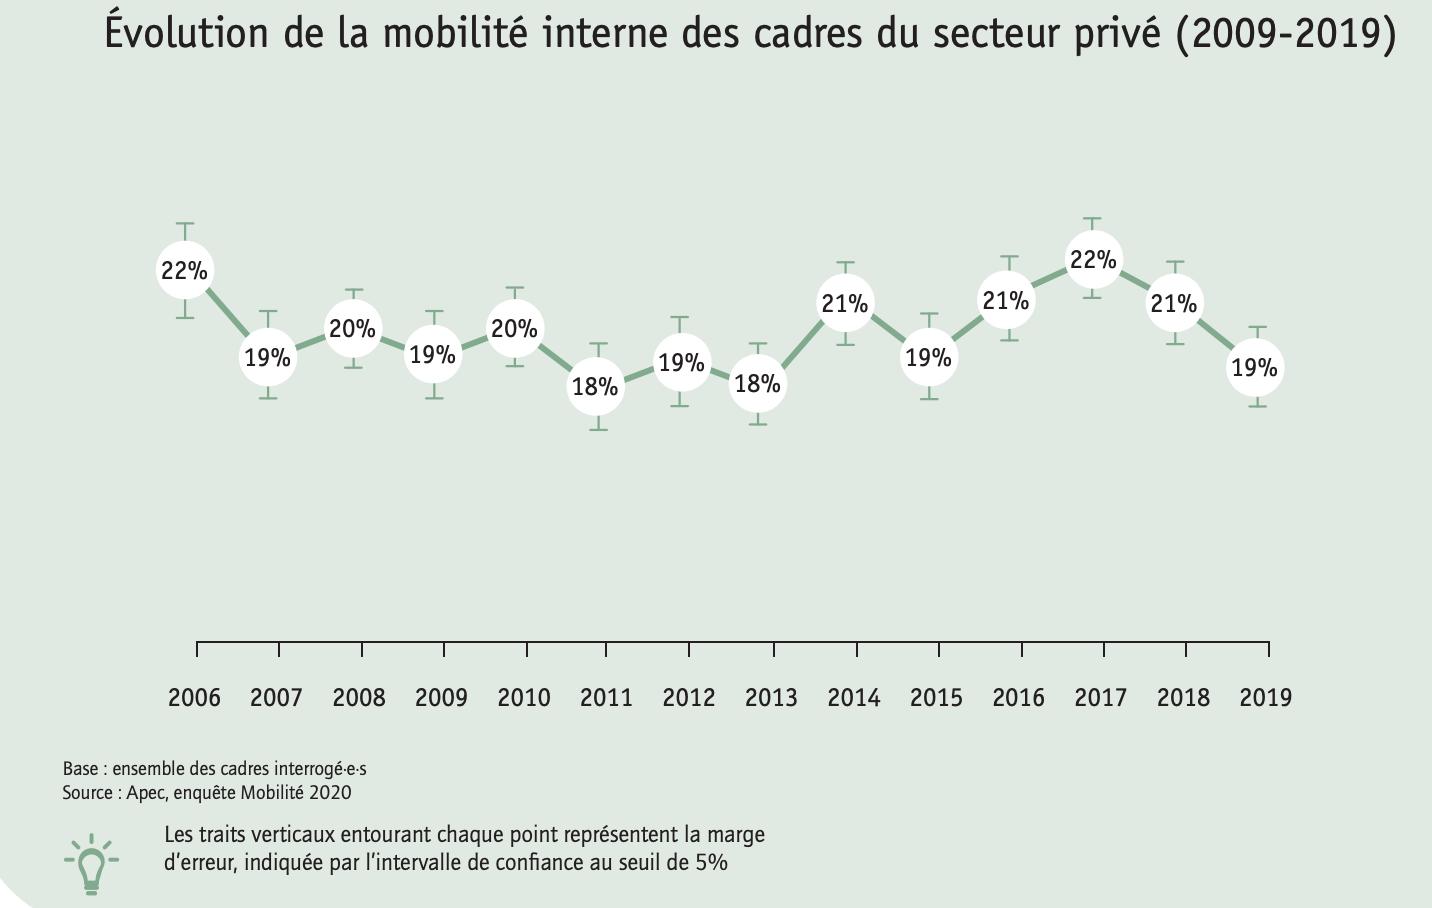 Évolution de la mobilité interne des cadres du secteur privé 2009 2019